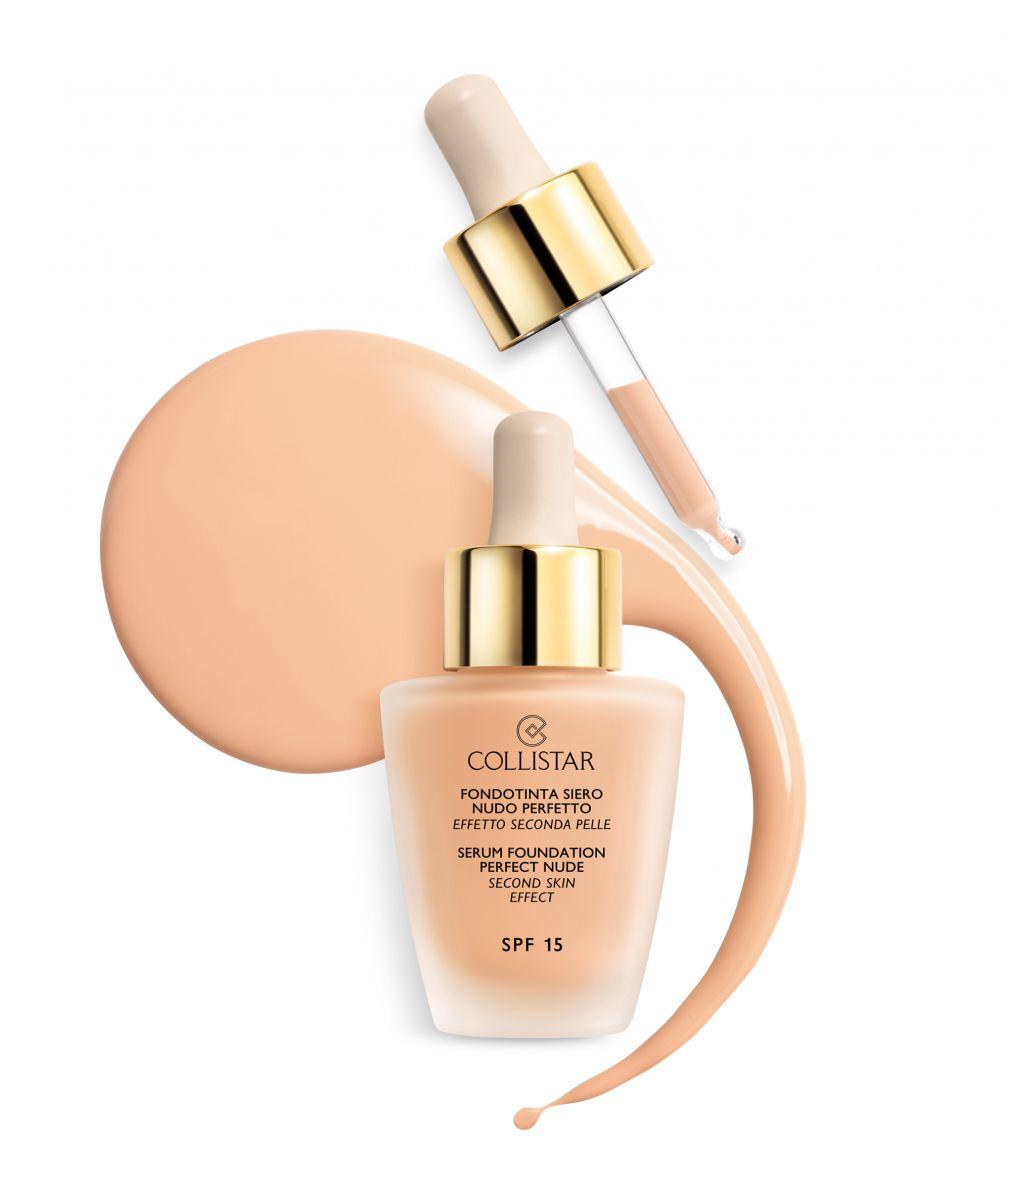 Новая тональная сыворотка Collistar Perfect nude (ФОТО)